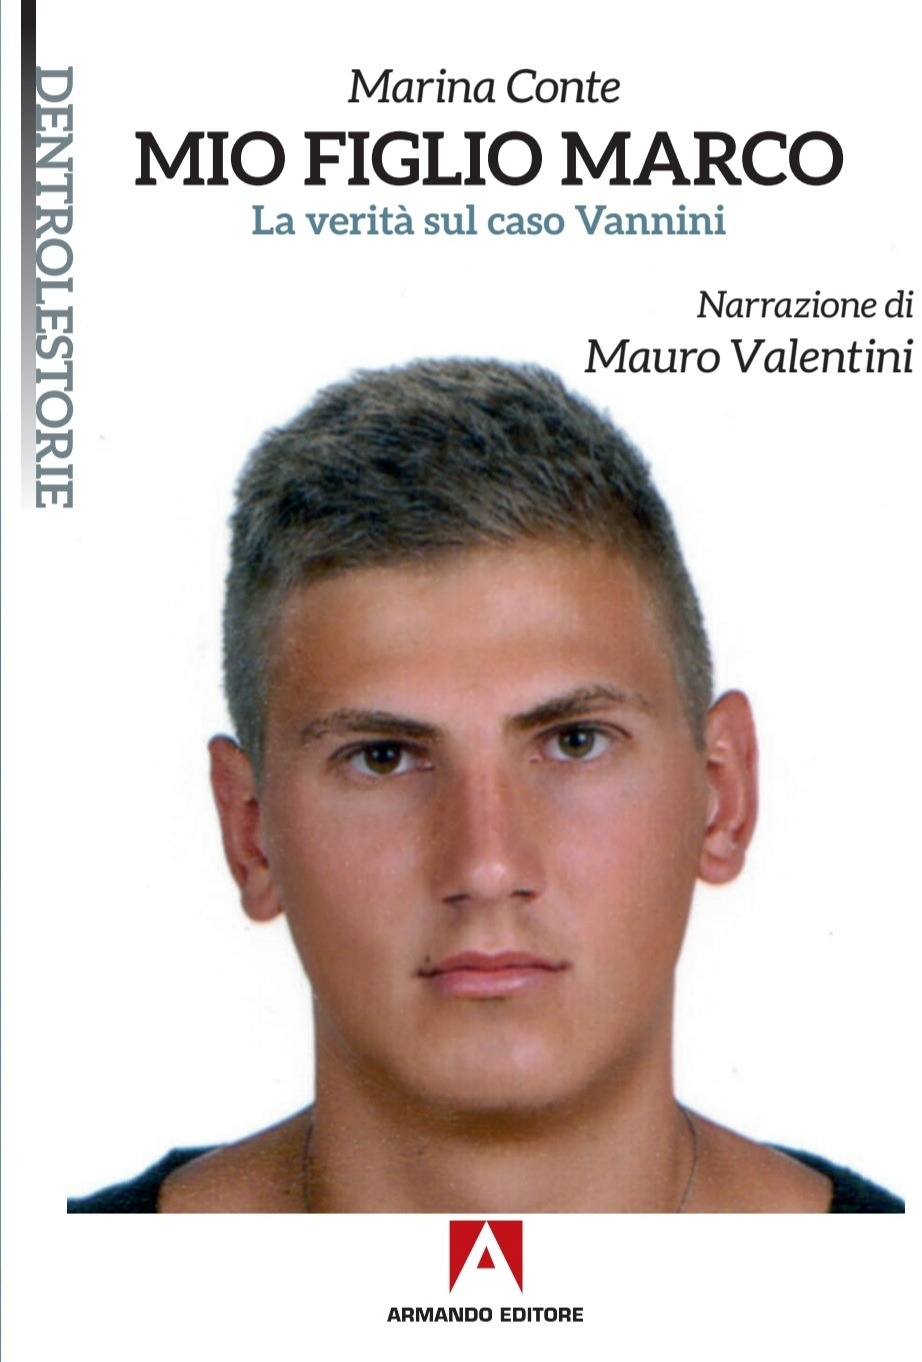 Mio Figlio Marco – Marina Conte/Mauro Valentini